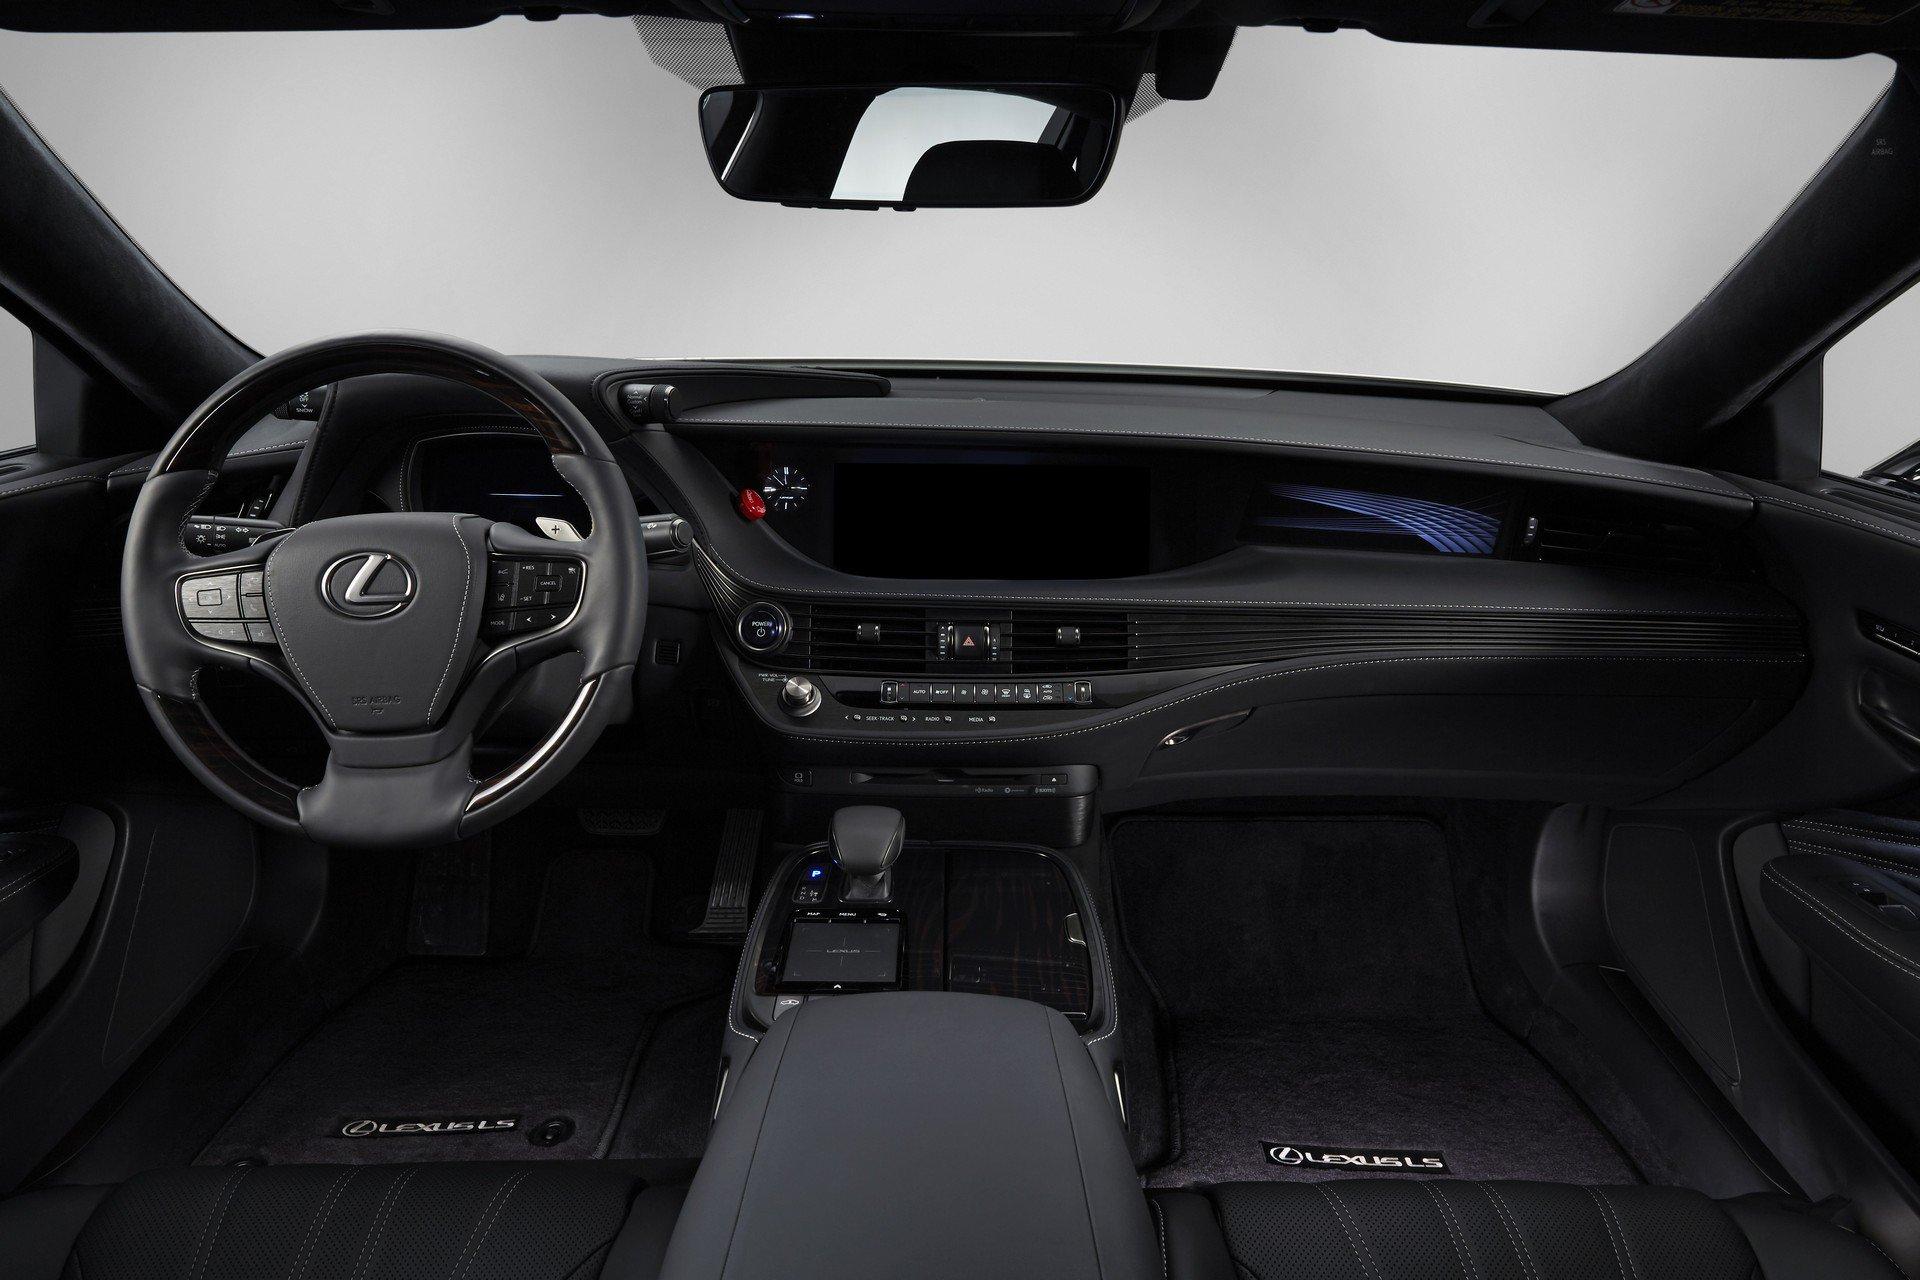 Toyota CES Lexus LS500h TRI-P4 autonomous (15)